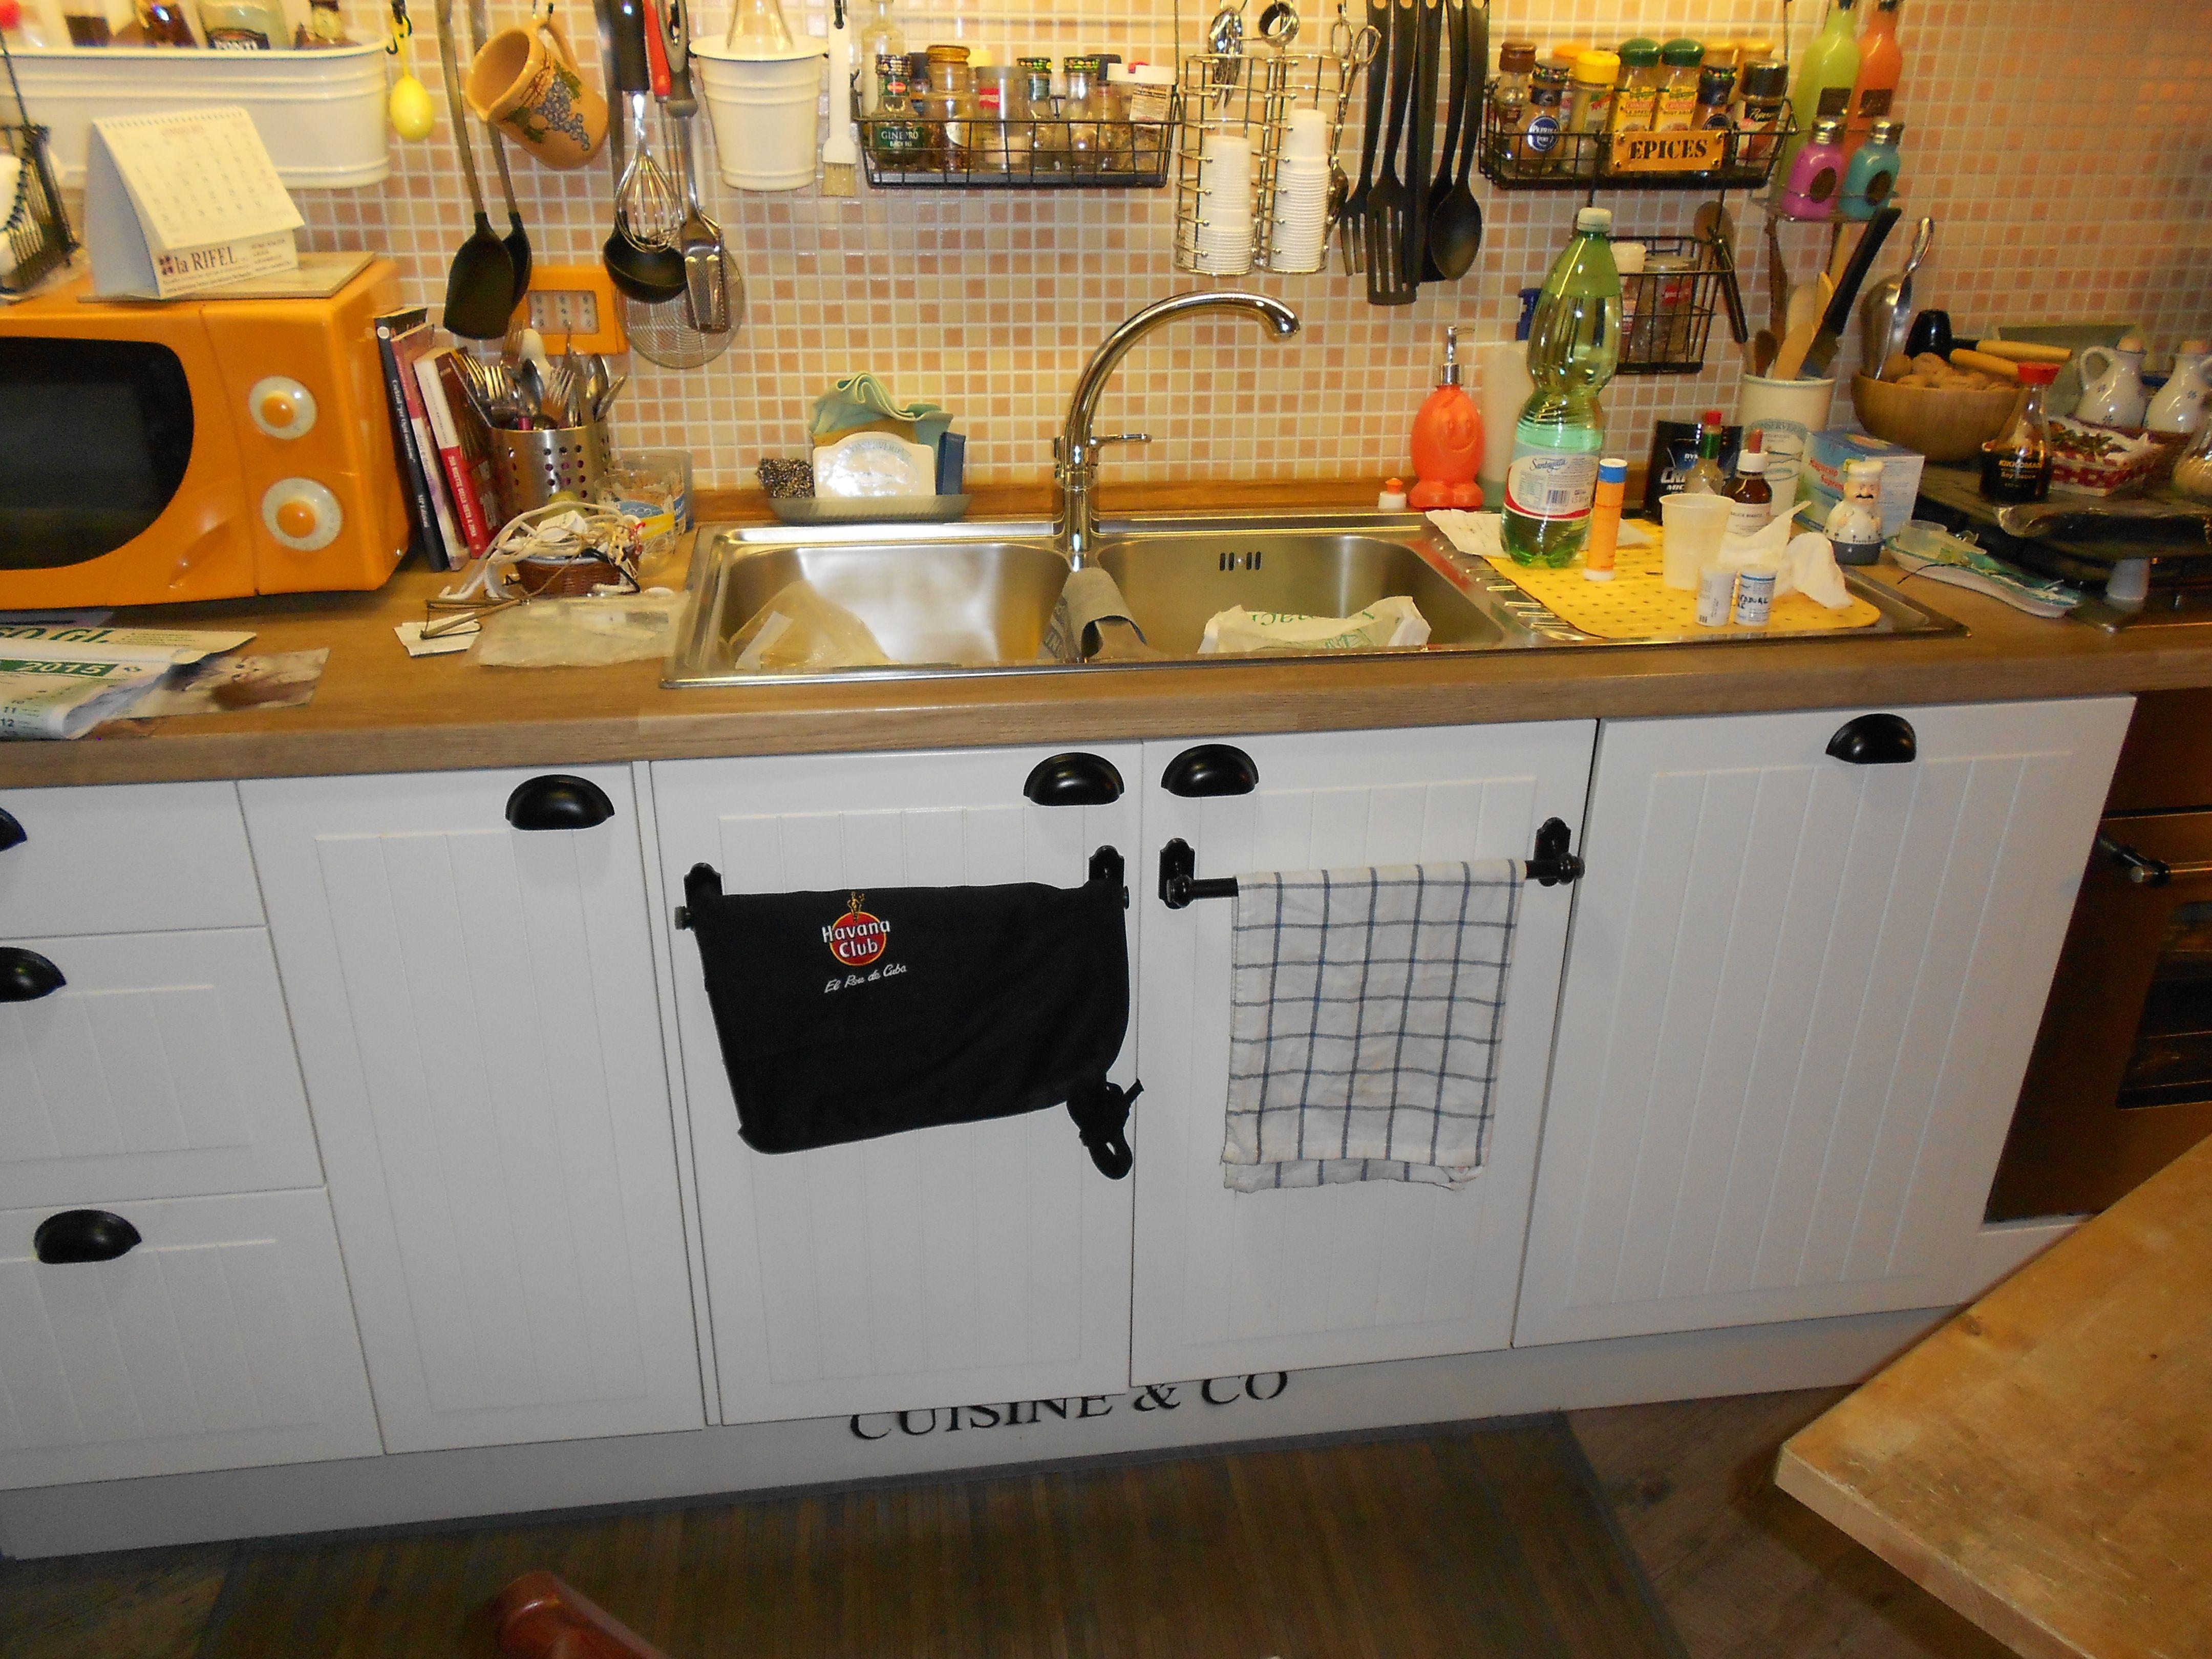 Pannelli Rivestimento Cucina Ikea la cucina ikea rivisitata e personalizzata.   home decor